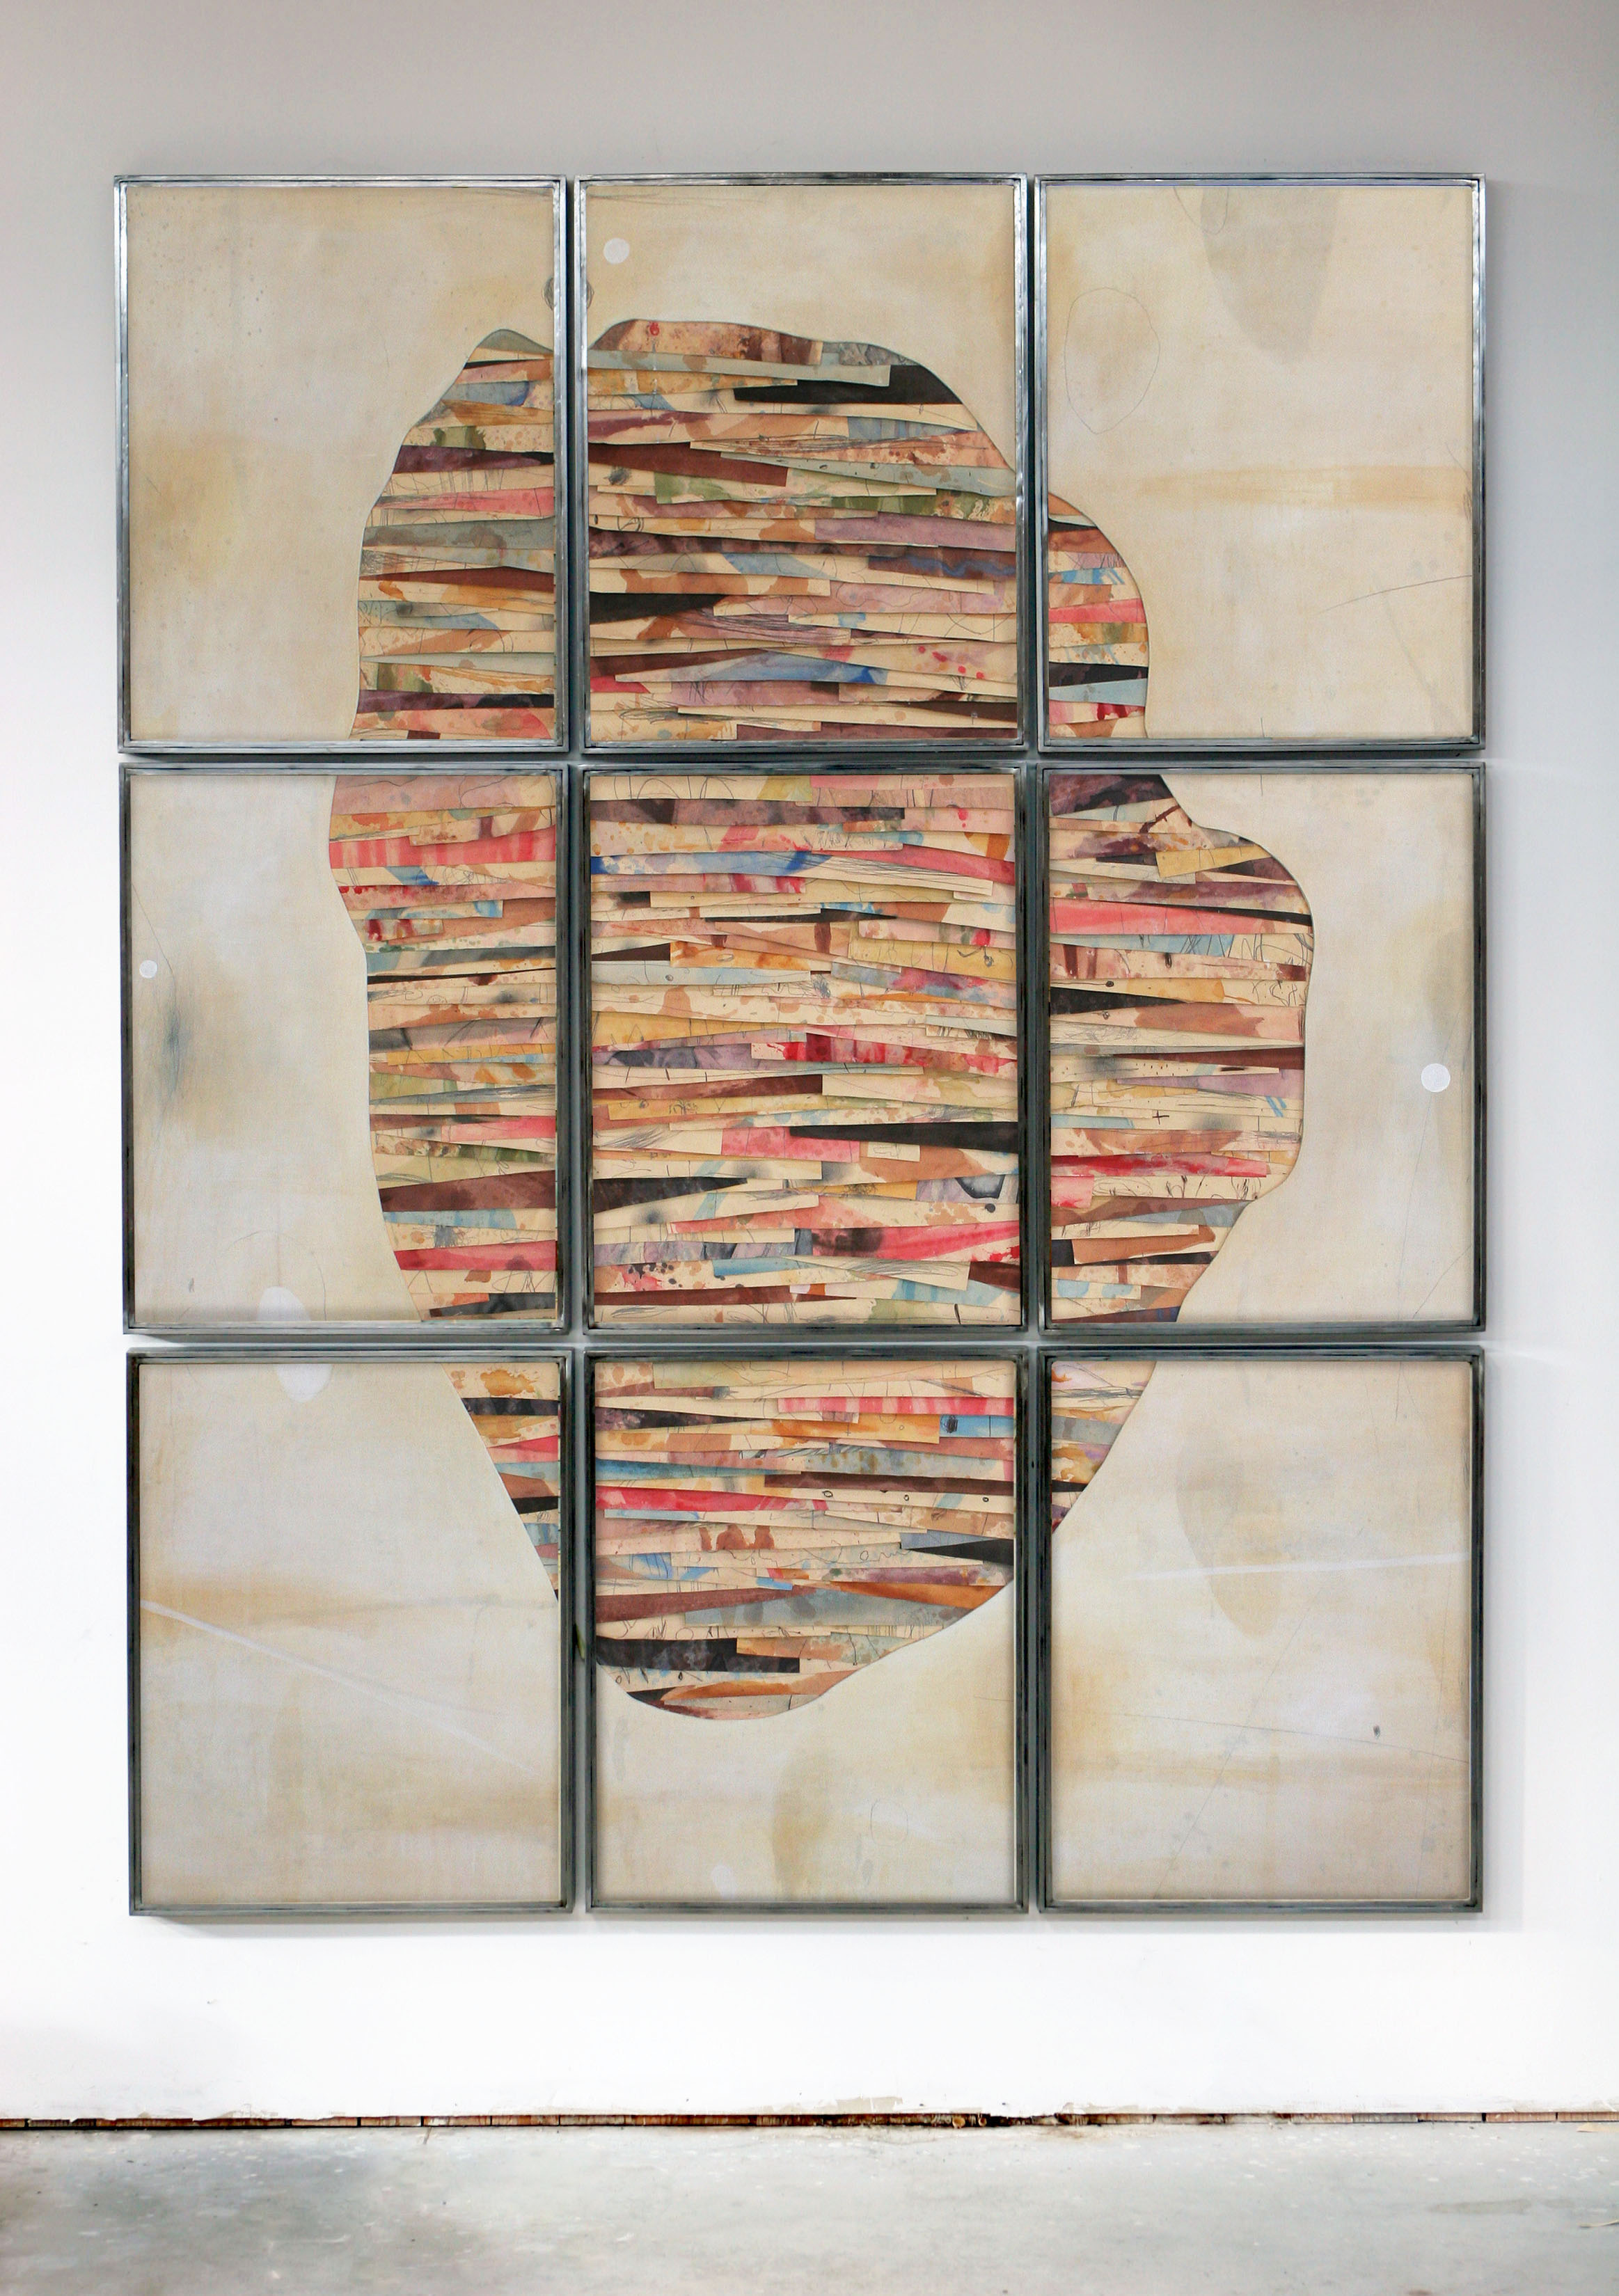 senza titolo 2018,   tecnica mista su carta e tela su legno, ferro e vetro cm. 280x220